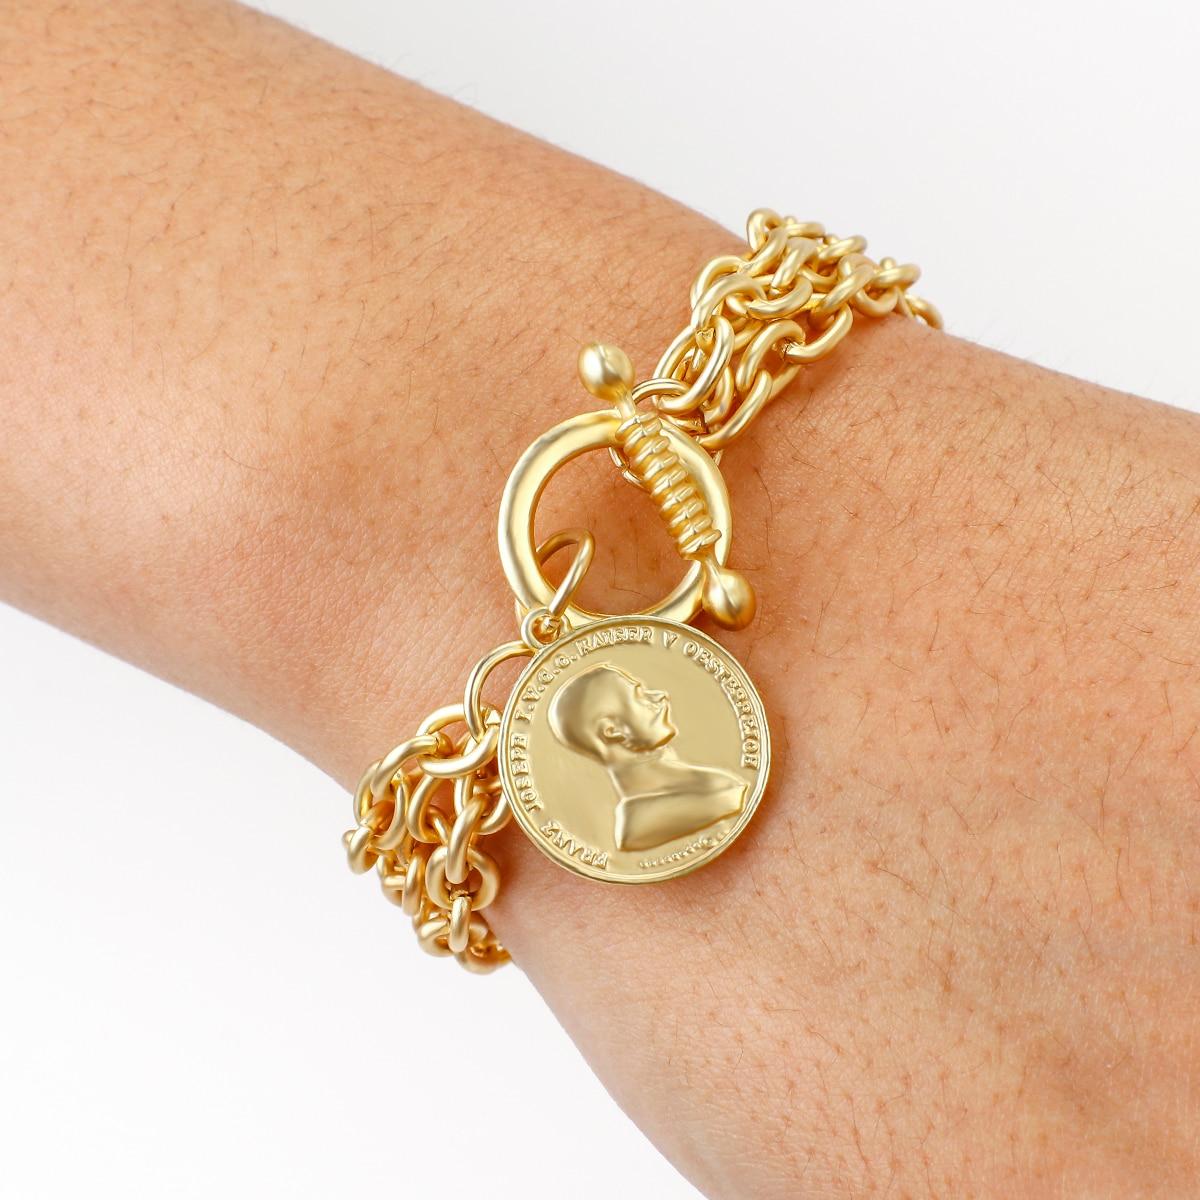 FLASHBUY braccialetti a catena con ciondoli Color oro per donna uomo ritratto in metallo braccialetti in lega di monete gioielli di moda vendita calda Pulseira 2